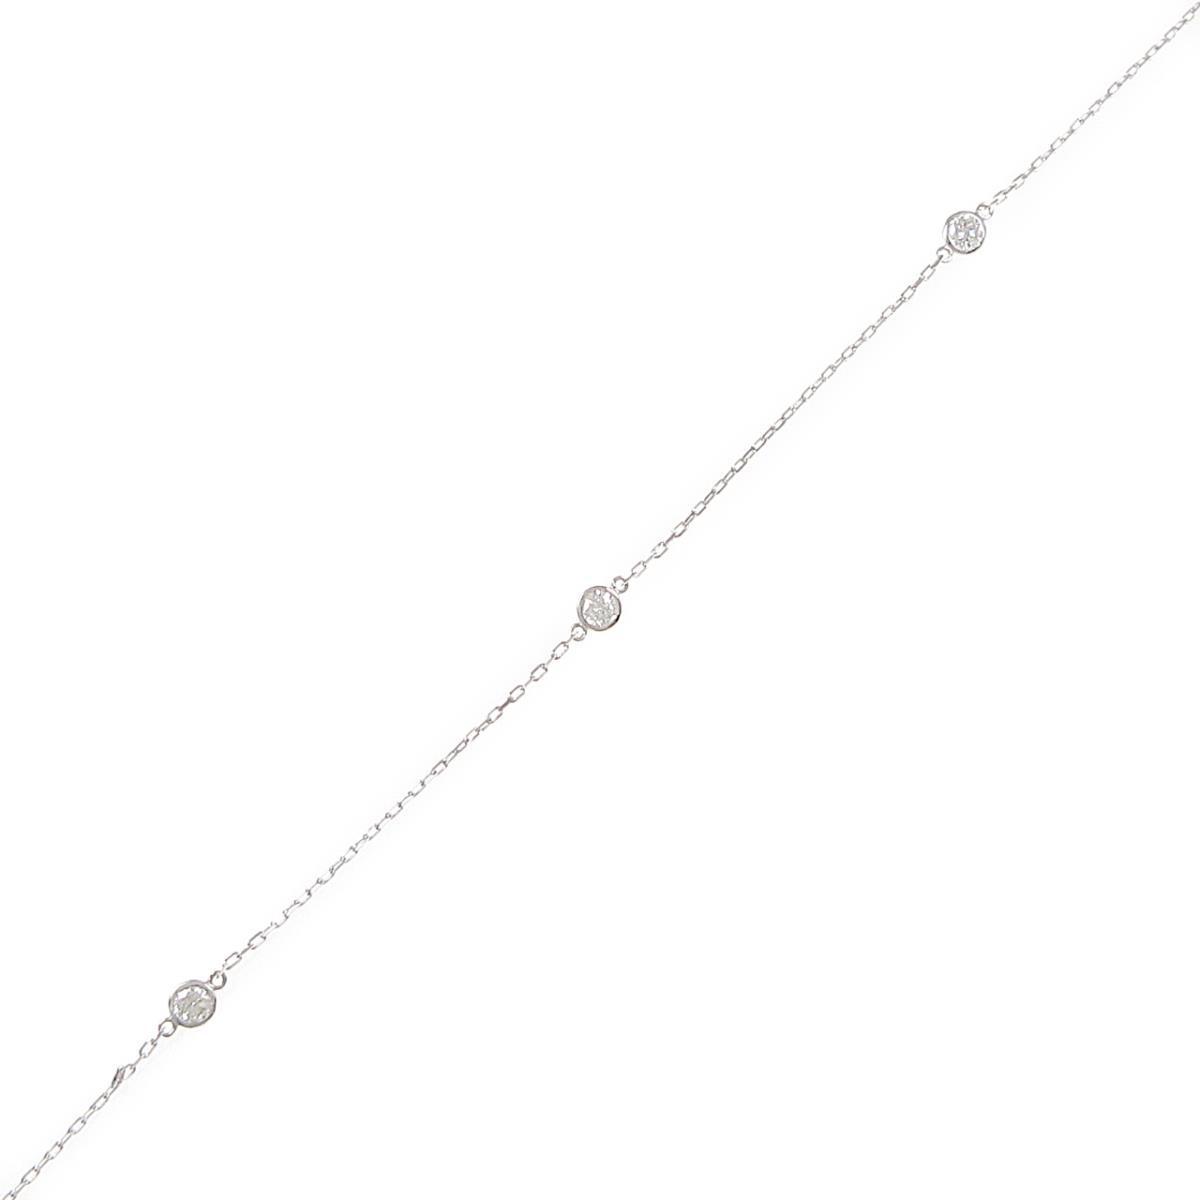 【リメイク】K18WG スリーストーン ダイヤモンドブレスレット【中古】